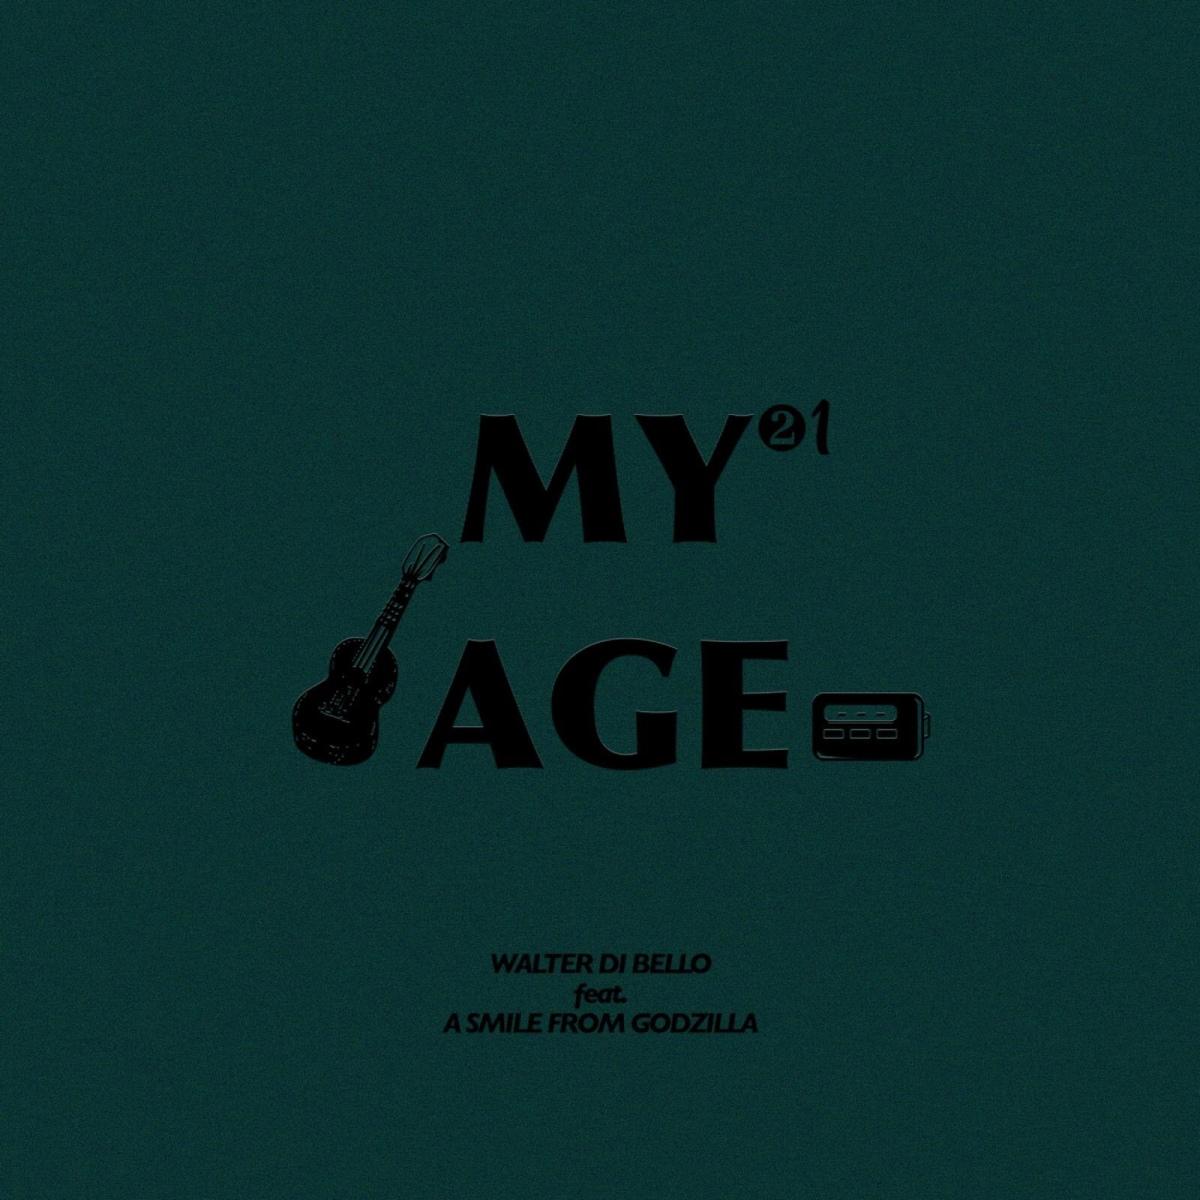 """""""My age"""" è il nuovo singolo di Walter di Bello e A Smile From Godzilla: un mix di  forze sonore (britpop e folk) richiamano l' immaginarioonirico"""